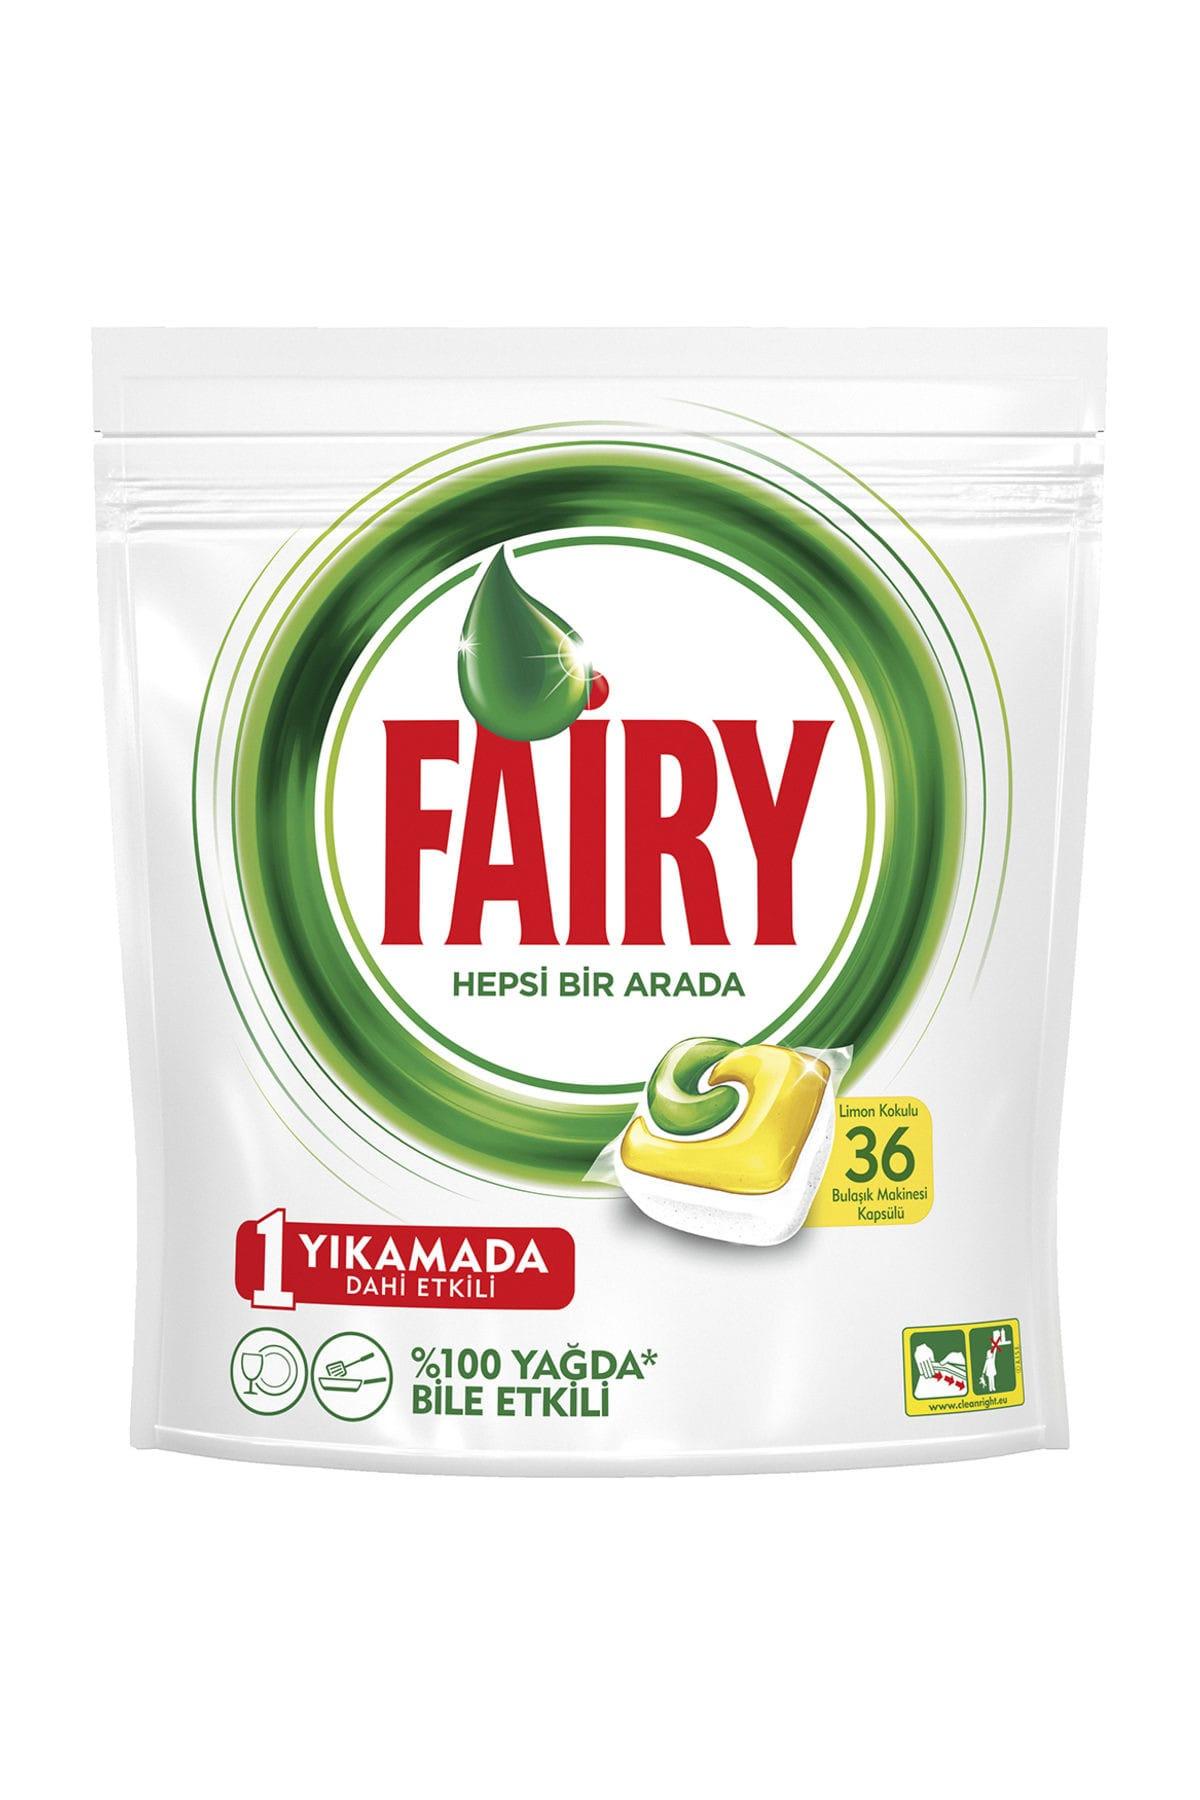 Fairy Bulaşık Makinesi Deterjanı Hepsi Bir Arada Limon 36 Yıkama 1